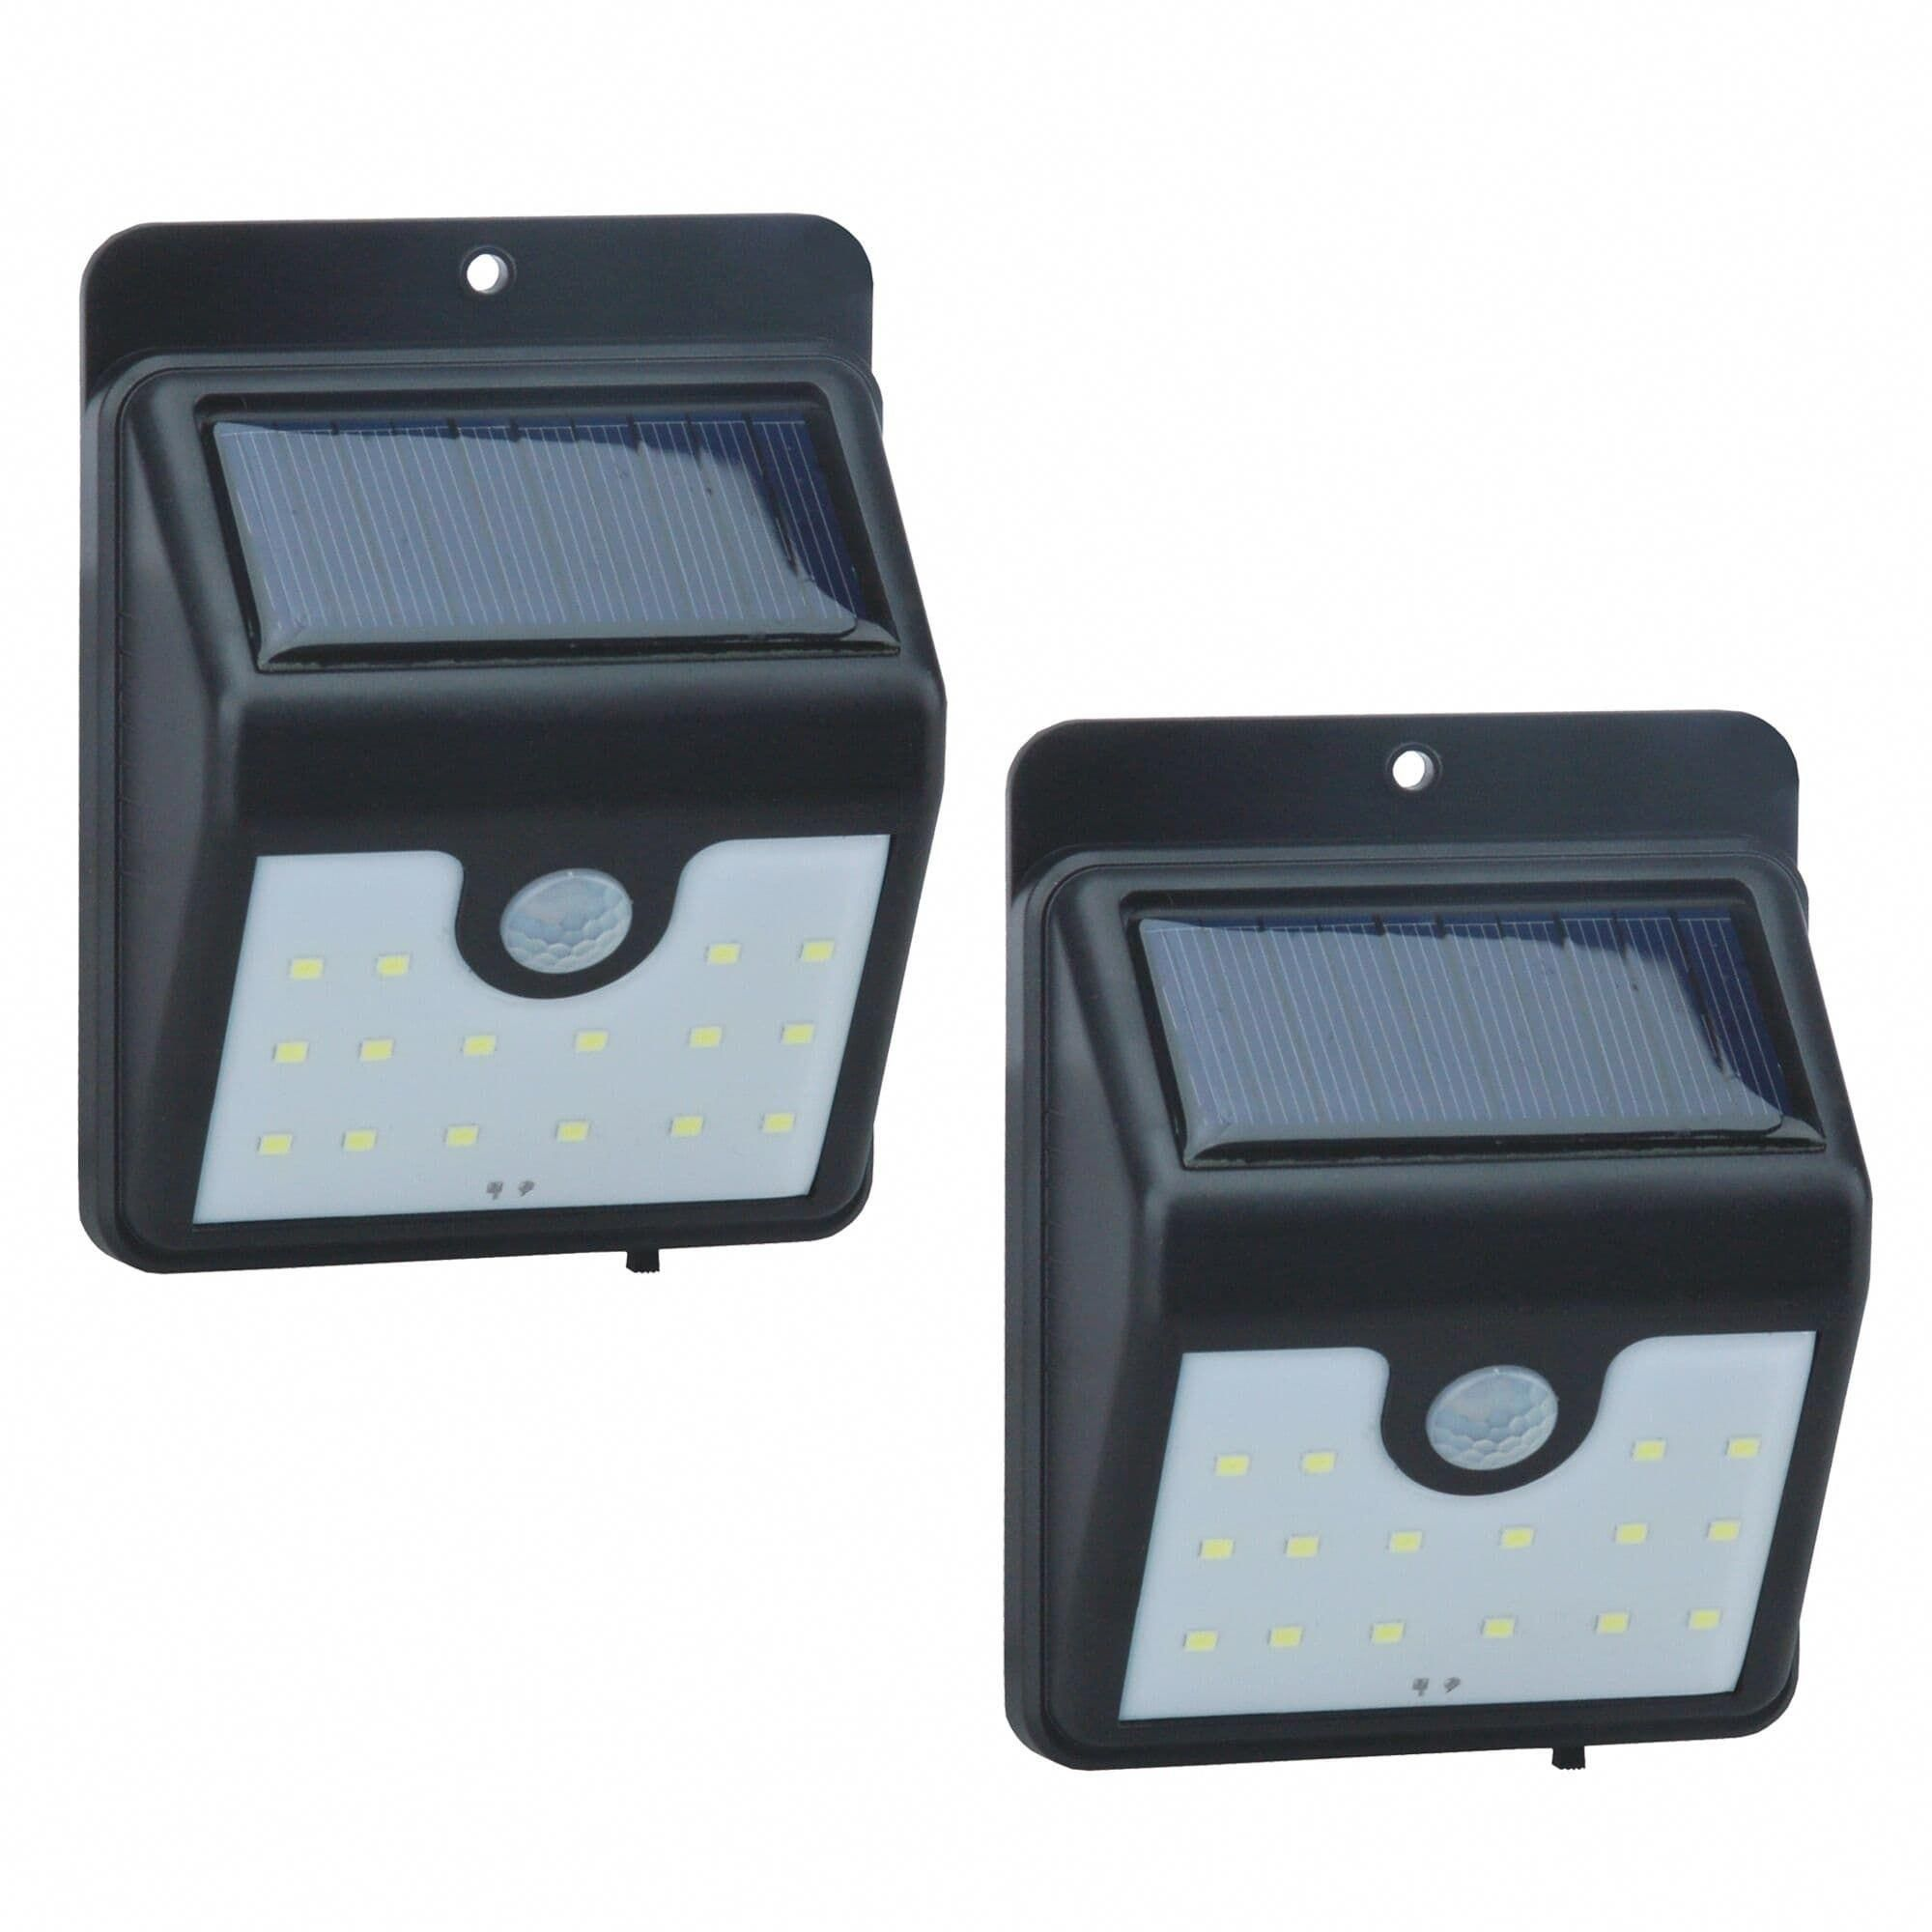 2 Pack 16 LED Solar Power Light Motion Sensor, multicolor